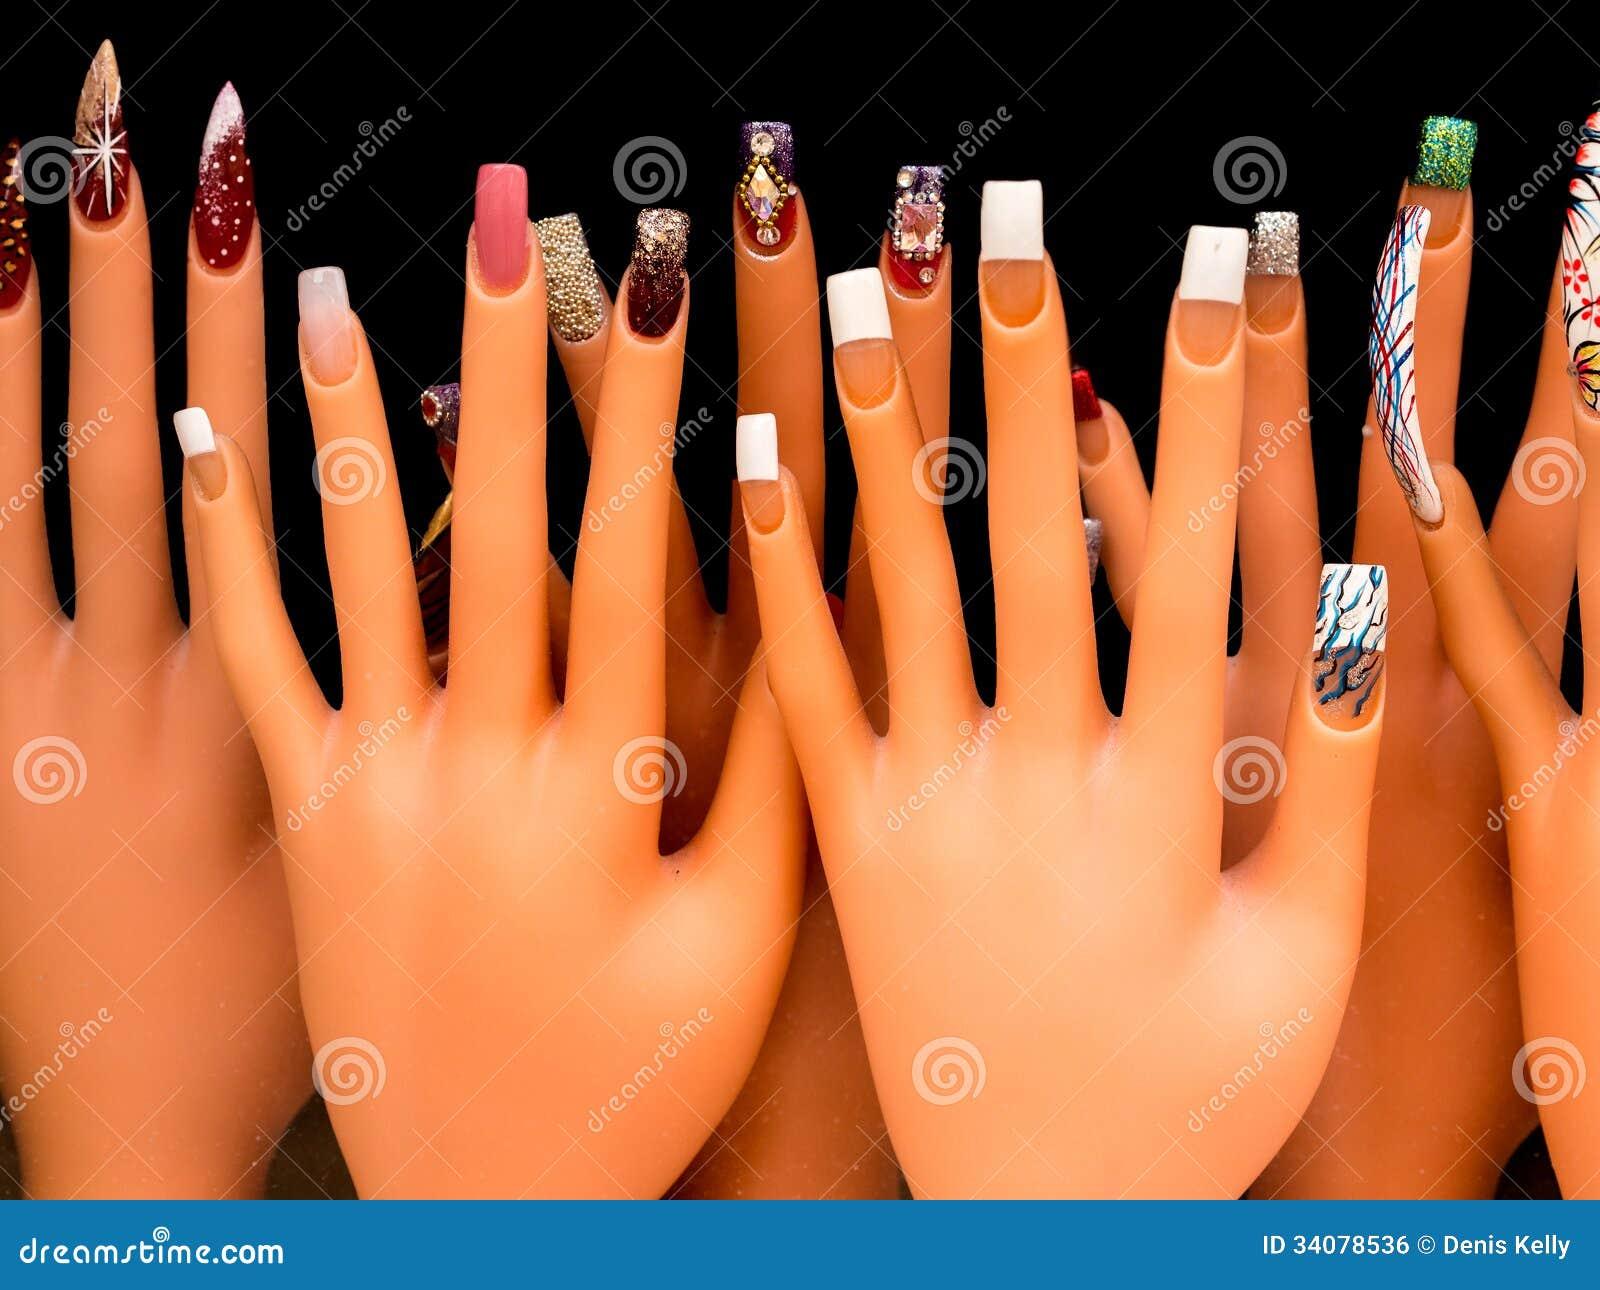 Nail Art stock photo. Image of beautiful, painted, manicure - 34078536